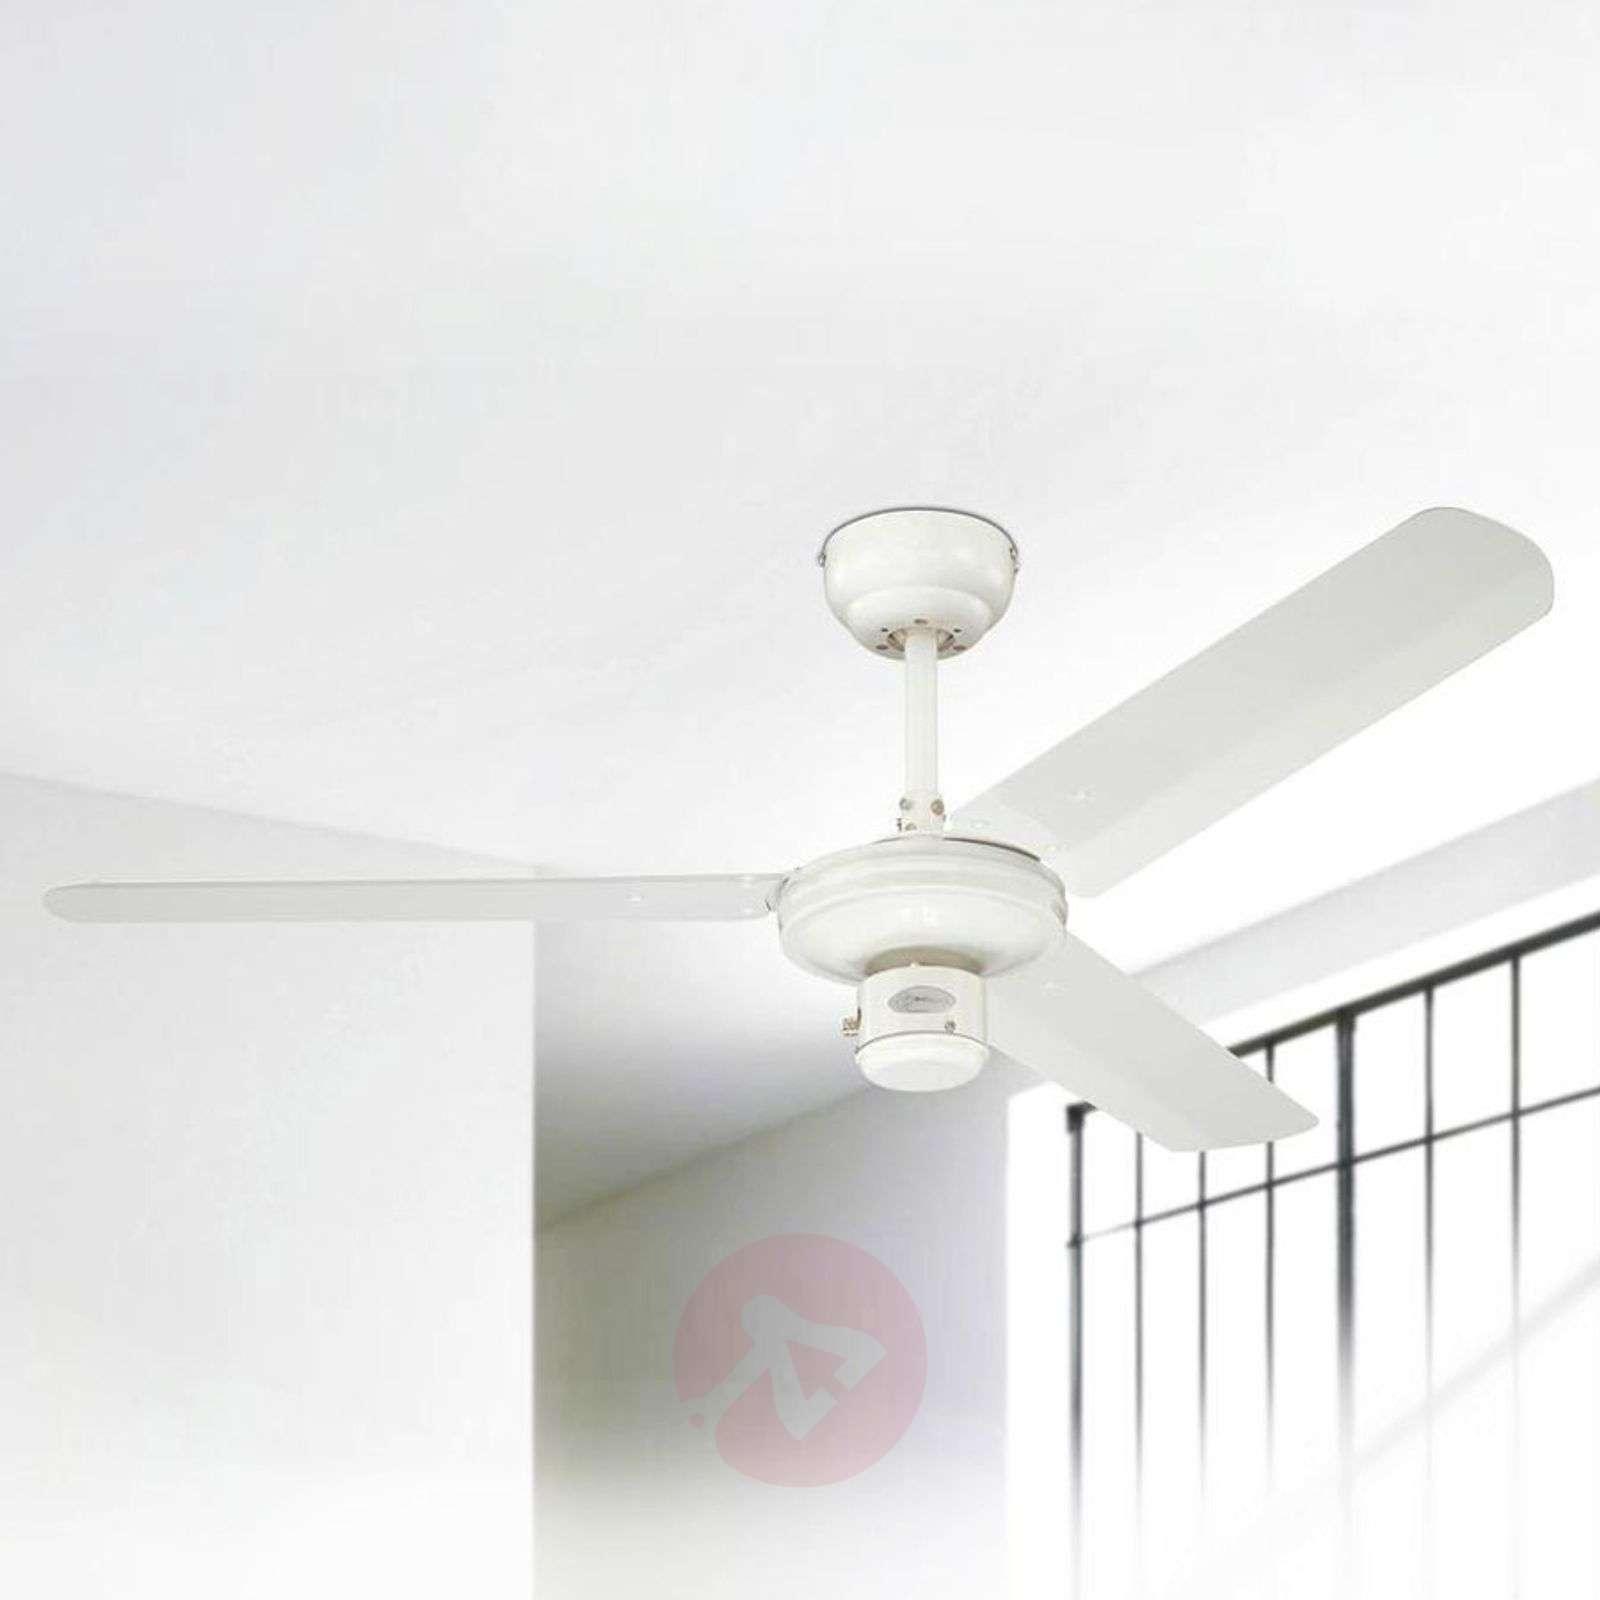 White industrial ceiling fan-9602050-02